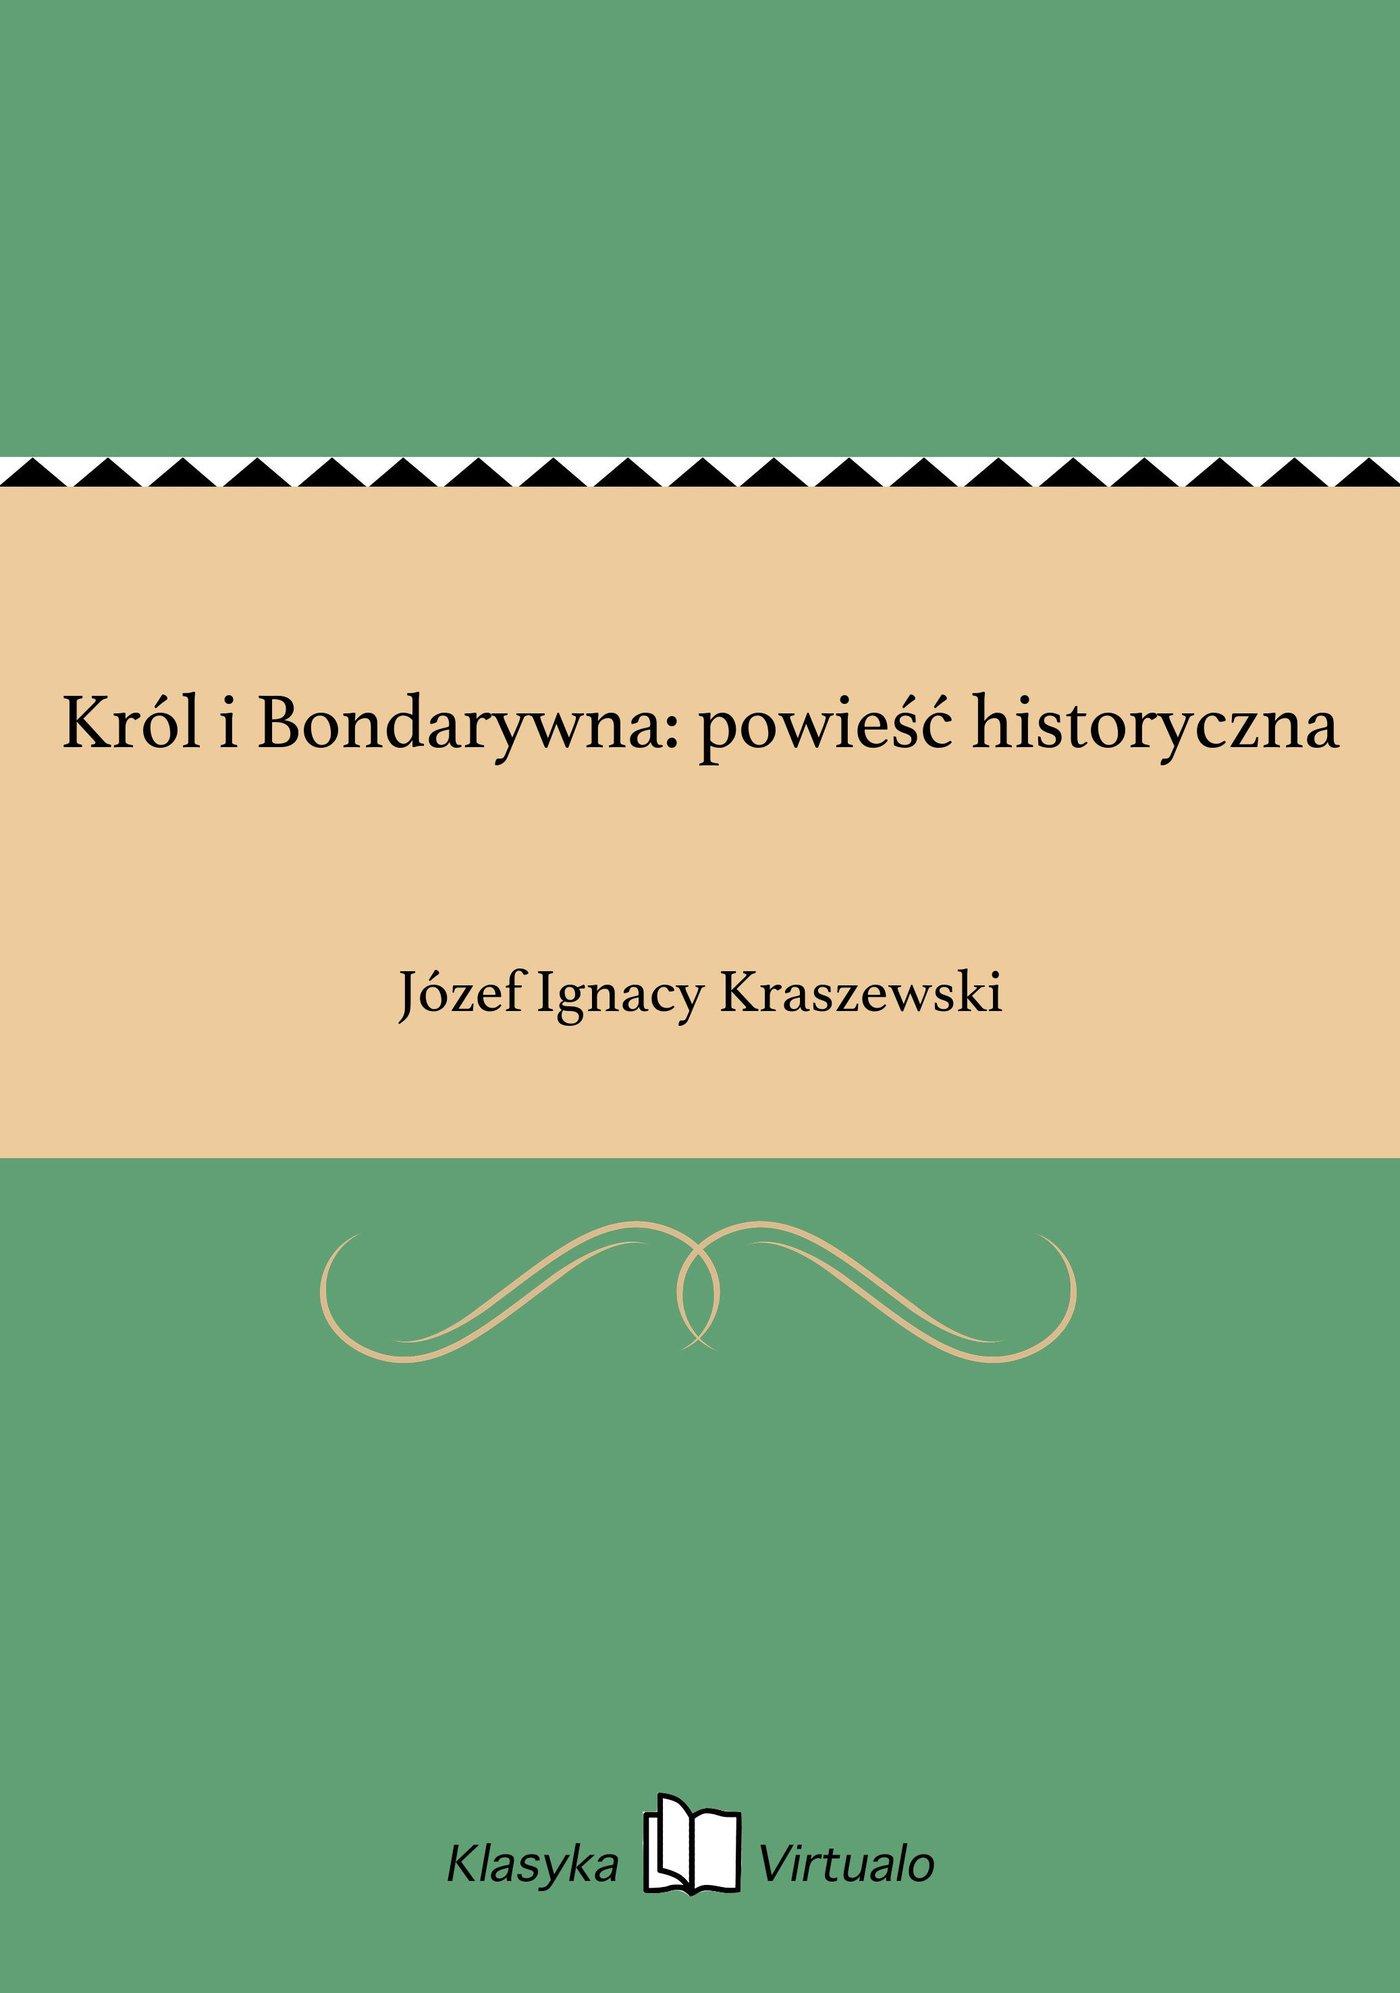 Król i Bondarywna: powieść historyczna - Ebook (Książka EPUB) do pobrania w formacie EPUB